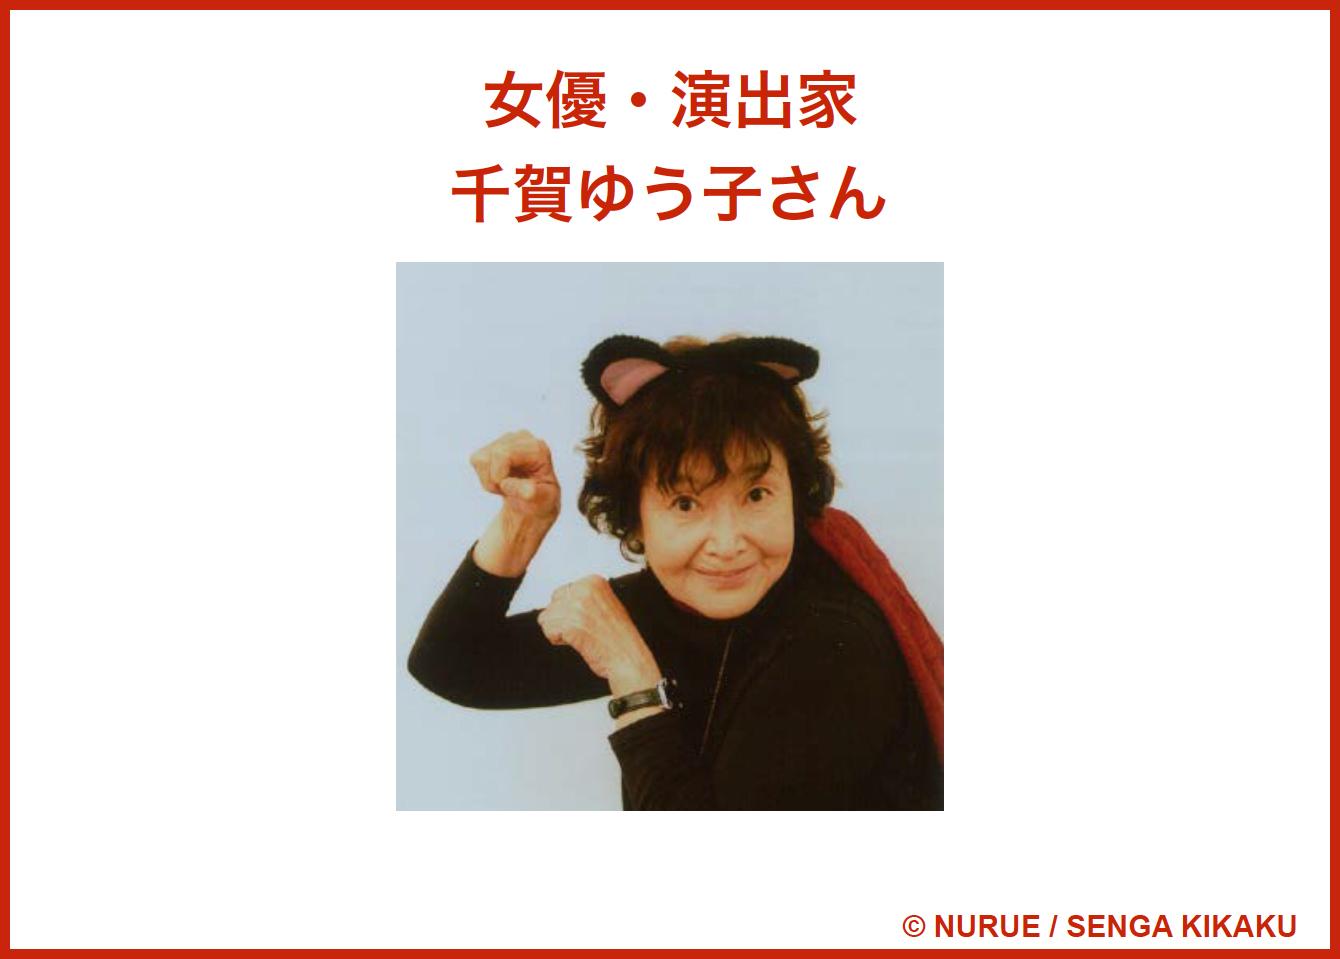 日本語劇「のら猫クロッチ」で国際交流!_f0193056_16024490.jpg